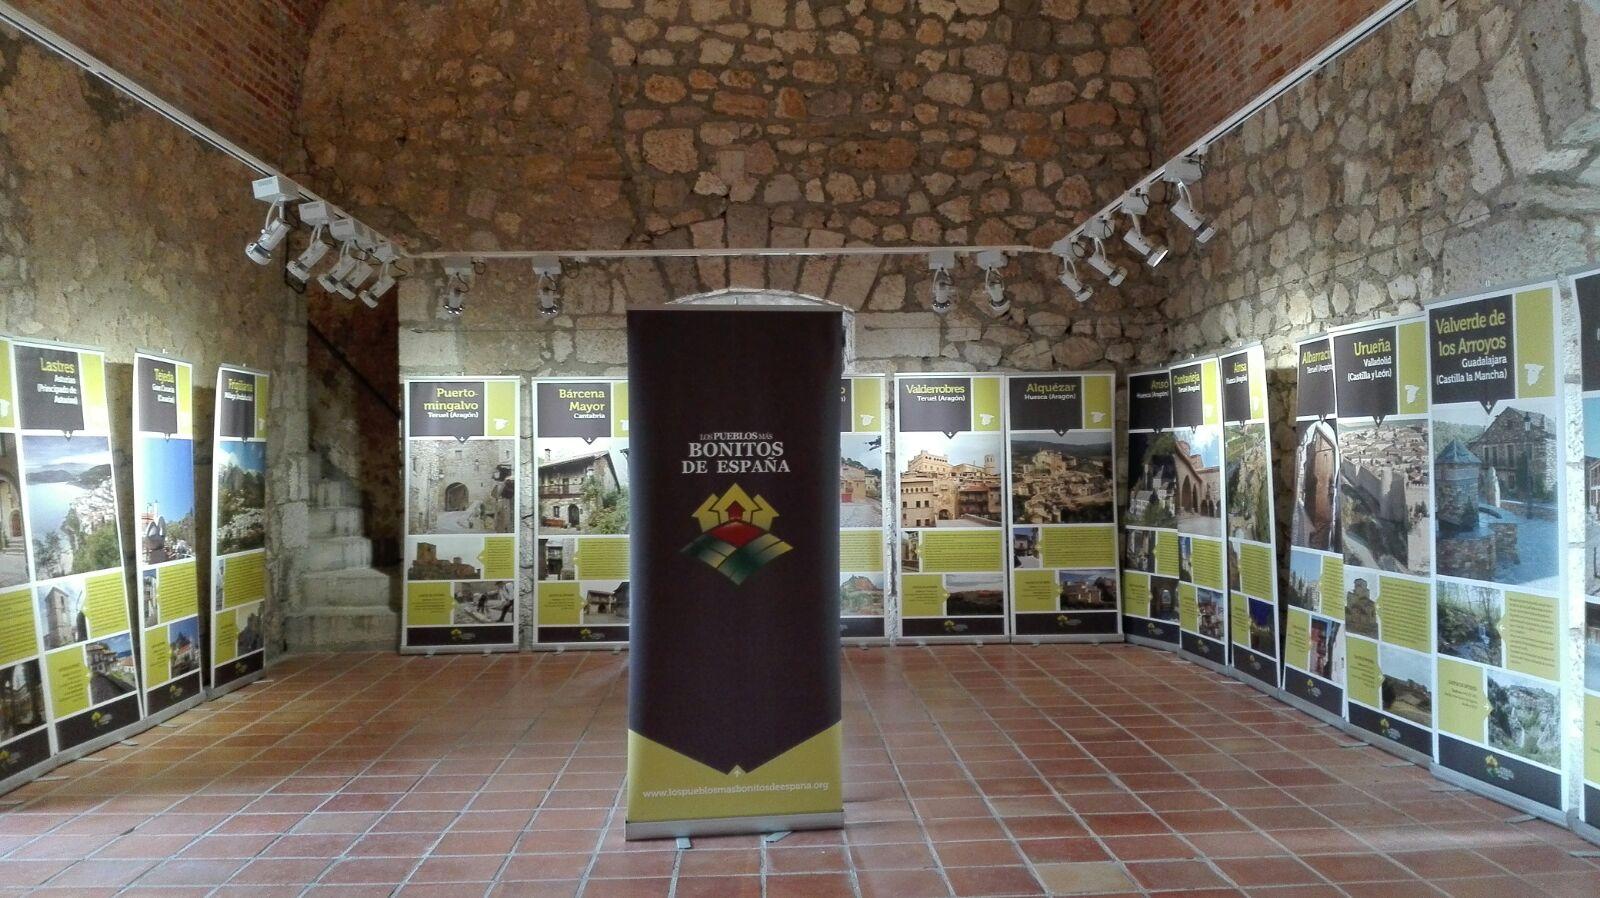 Exposicion castillo alcala del jucar casas rurales alcal del j car - Casa rural el castillo alcala del jucar ...